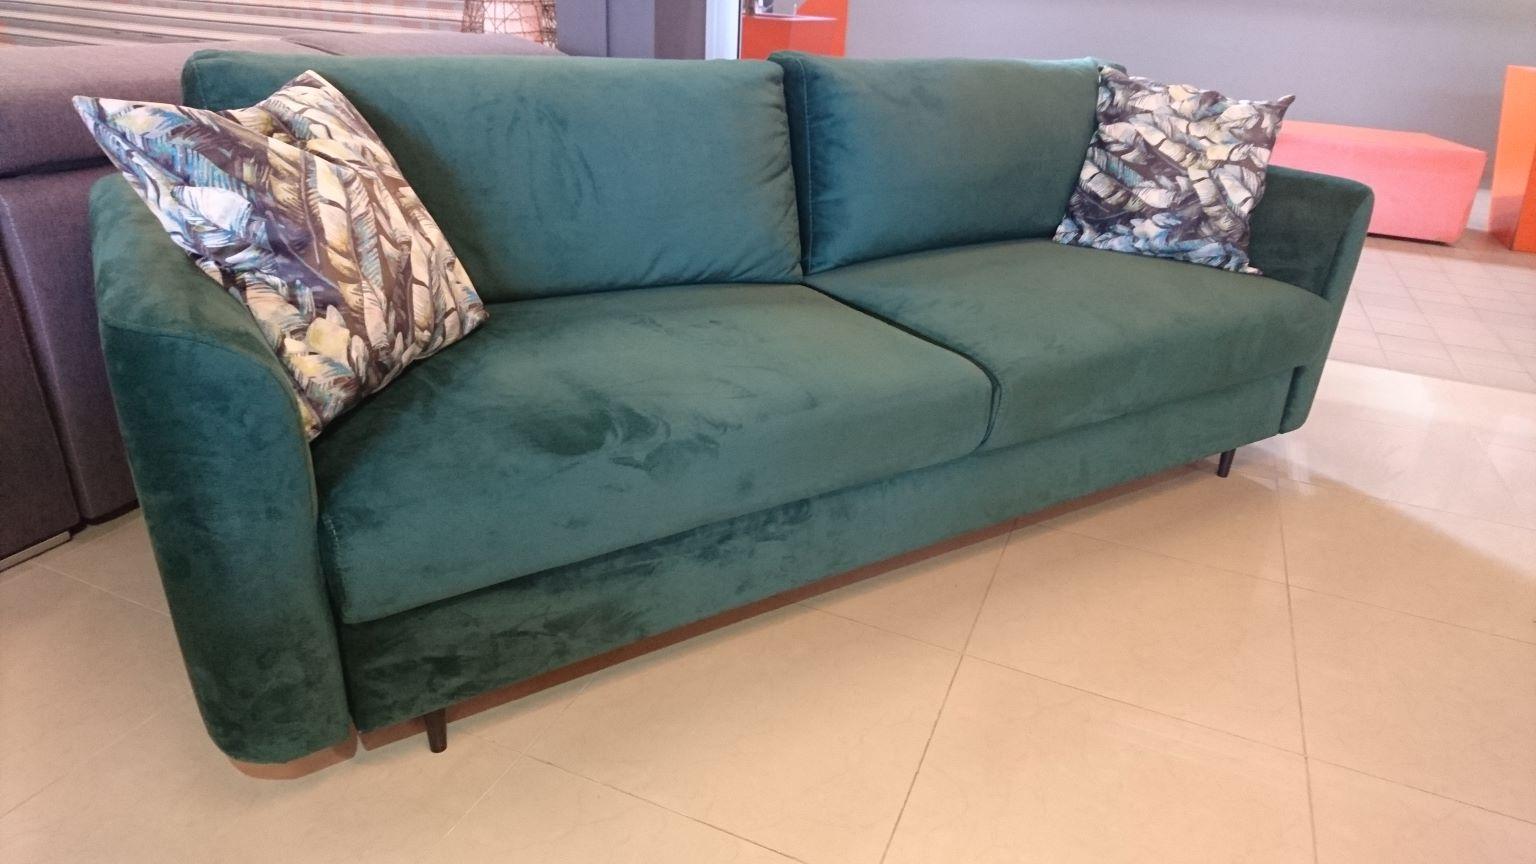 ALTO Caya Design Warszawa STUDIO KOMFORT sofa rozkładana z funkcją spania i pojemnikiem PROMOCJA Caya Design